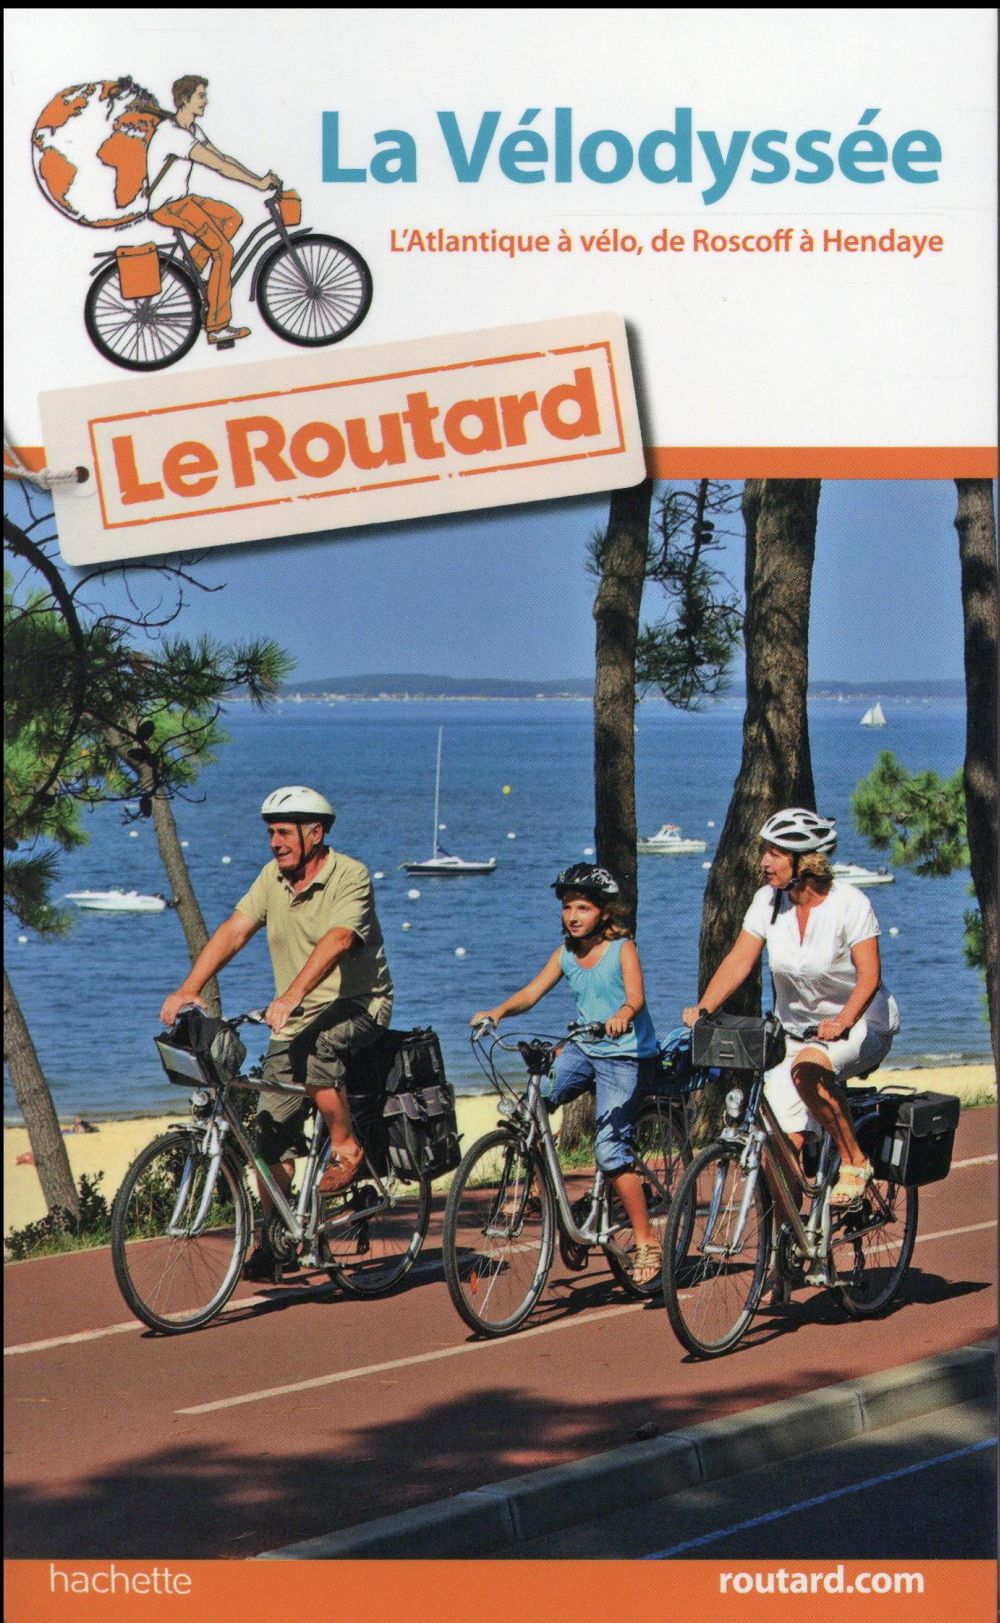 La vélodyssée ; l'Atlantique à vélo, de Roscoff à Hendaye 2016/2017